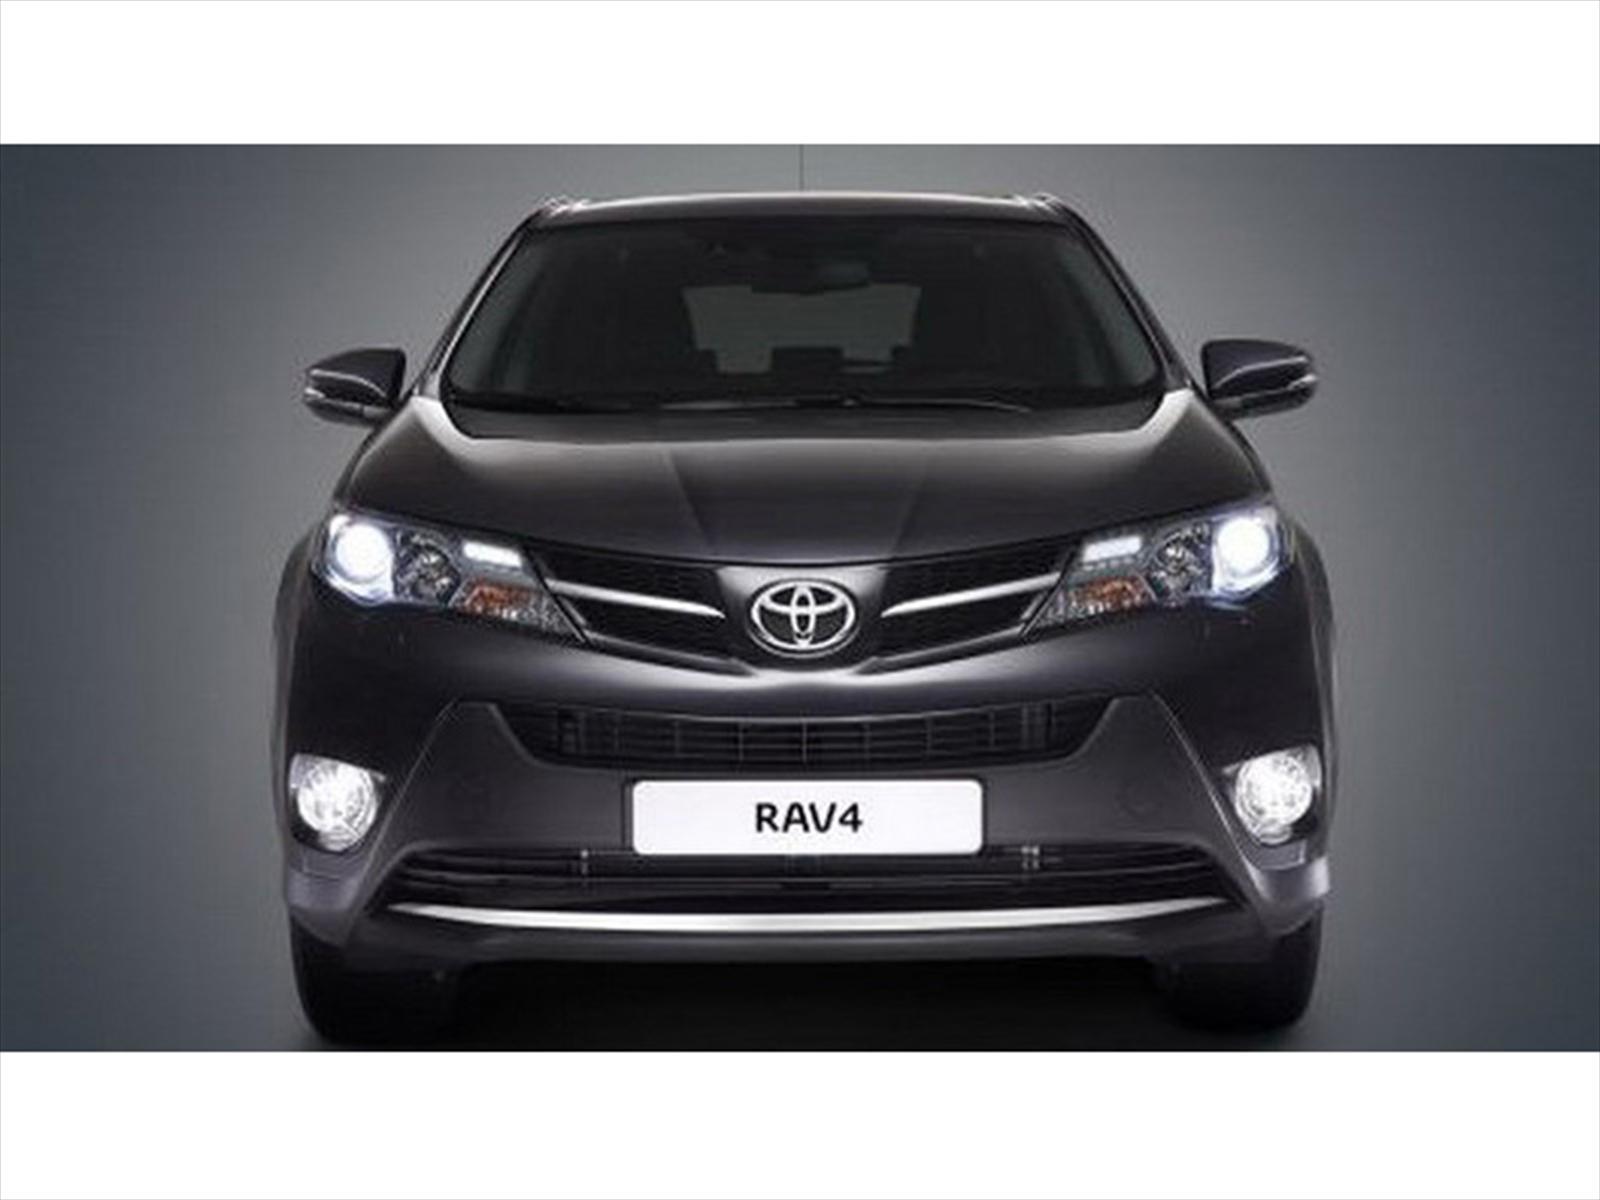 Toyota Camry Se Vs Le - Toyota RAV4 2013 llega a México desde $346,400 pesos ...